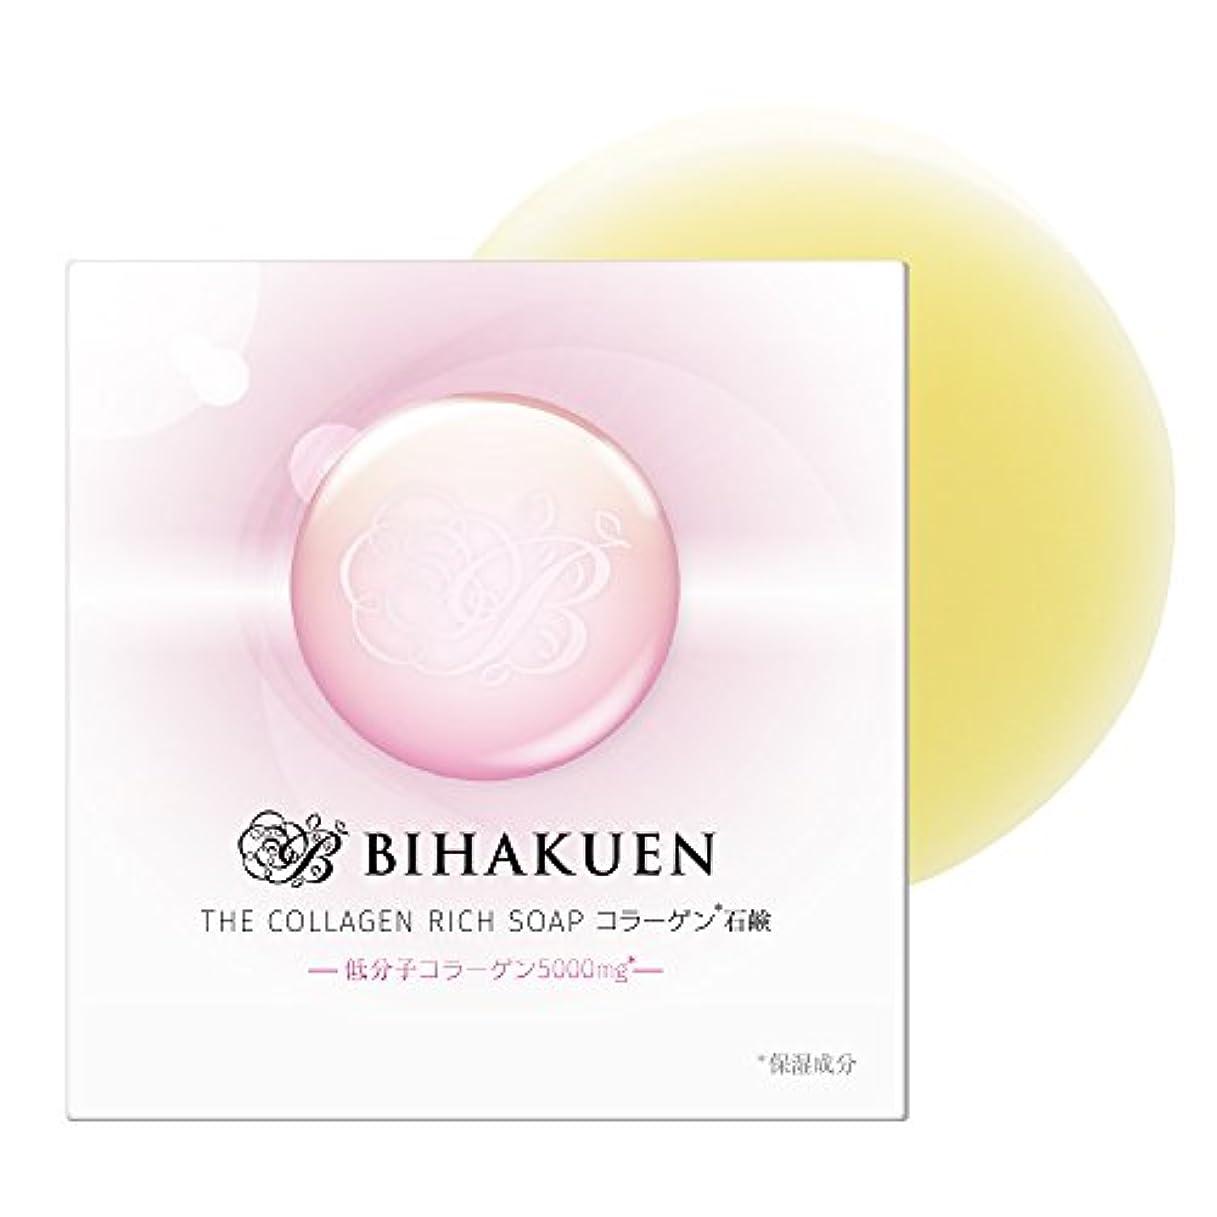 キルス外部一生(BIHAKUEN)コラーゲン石鹸100g (1個)